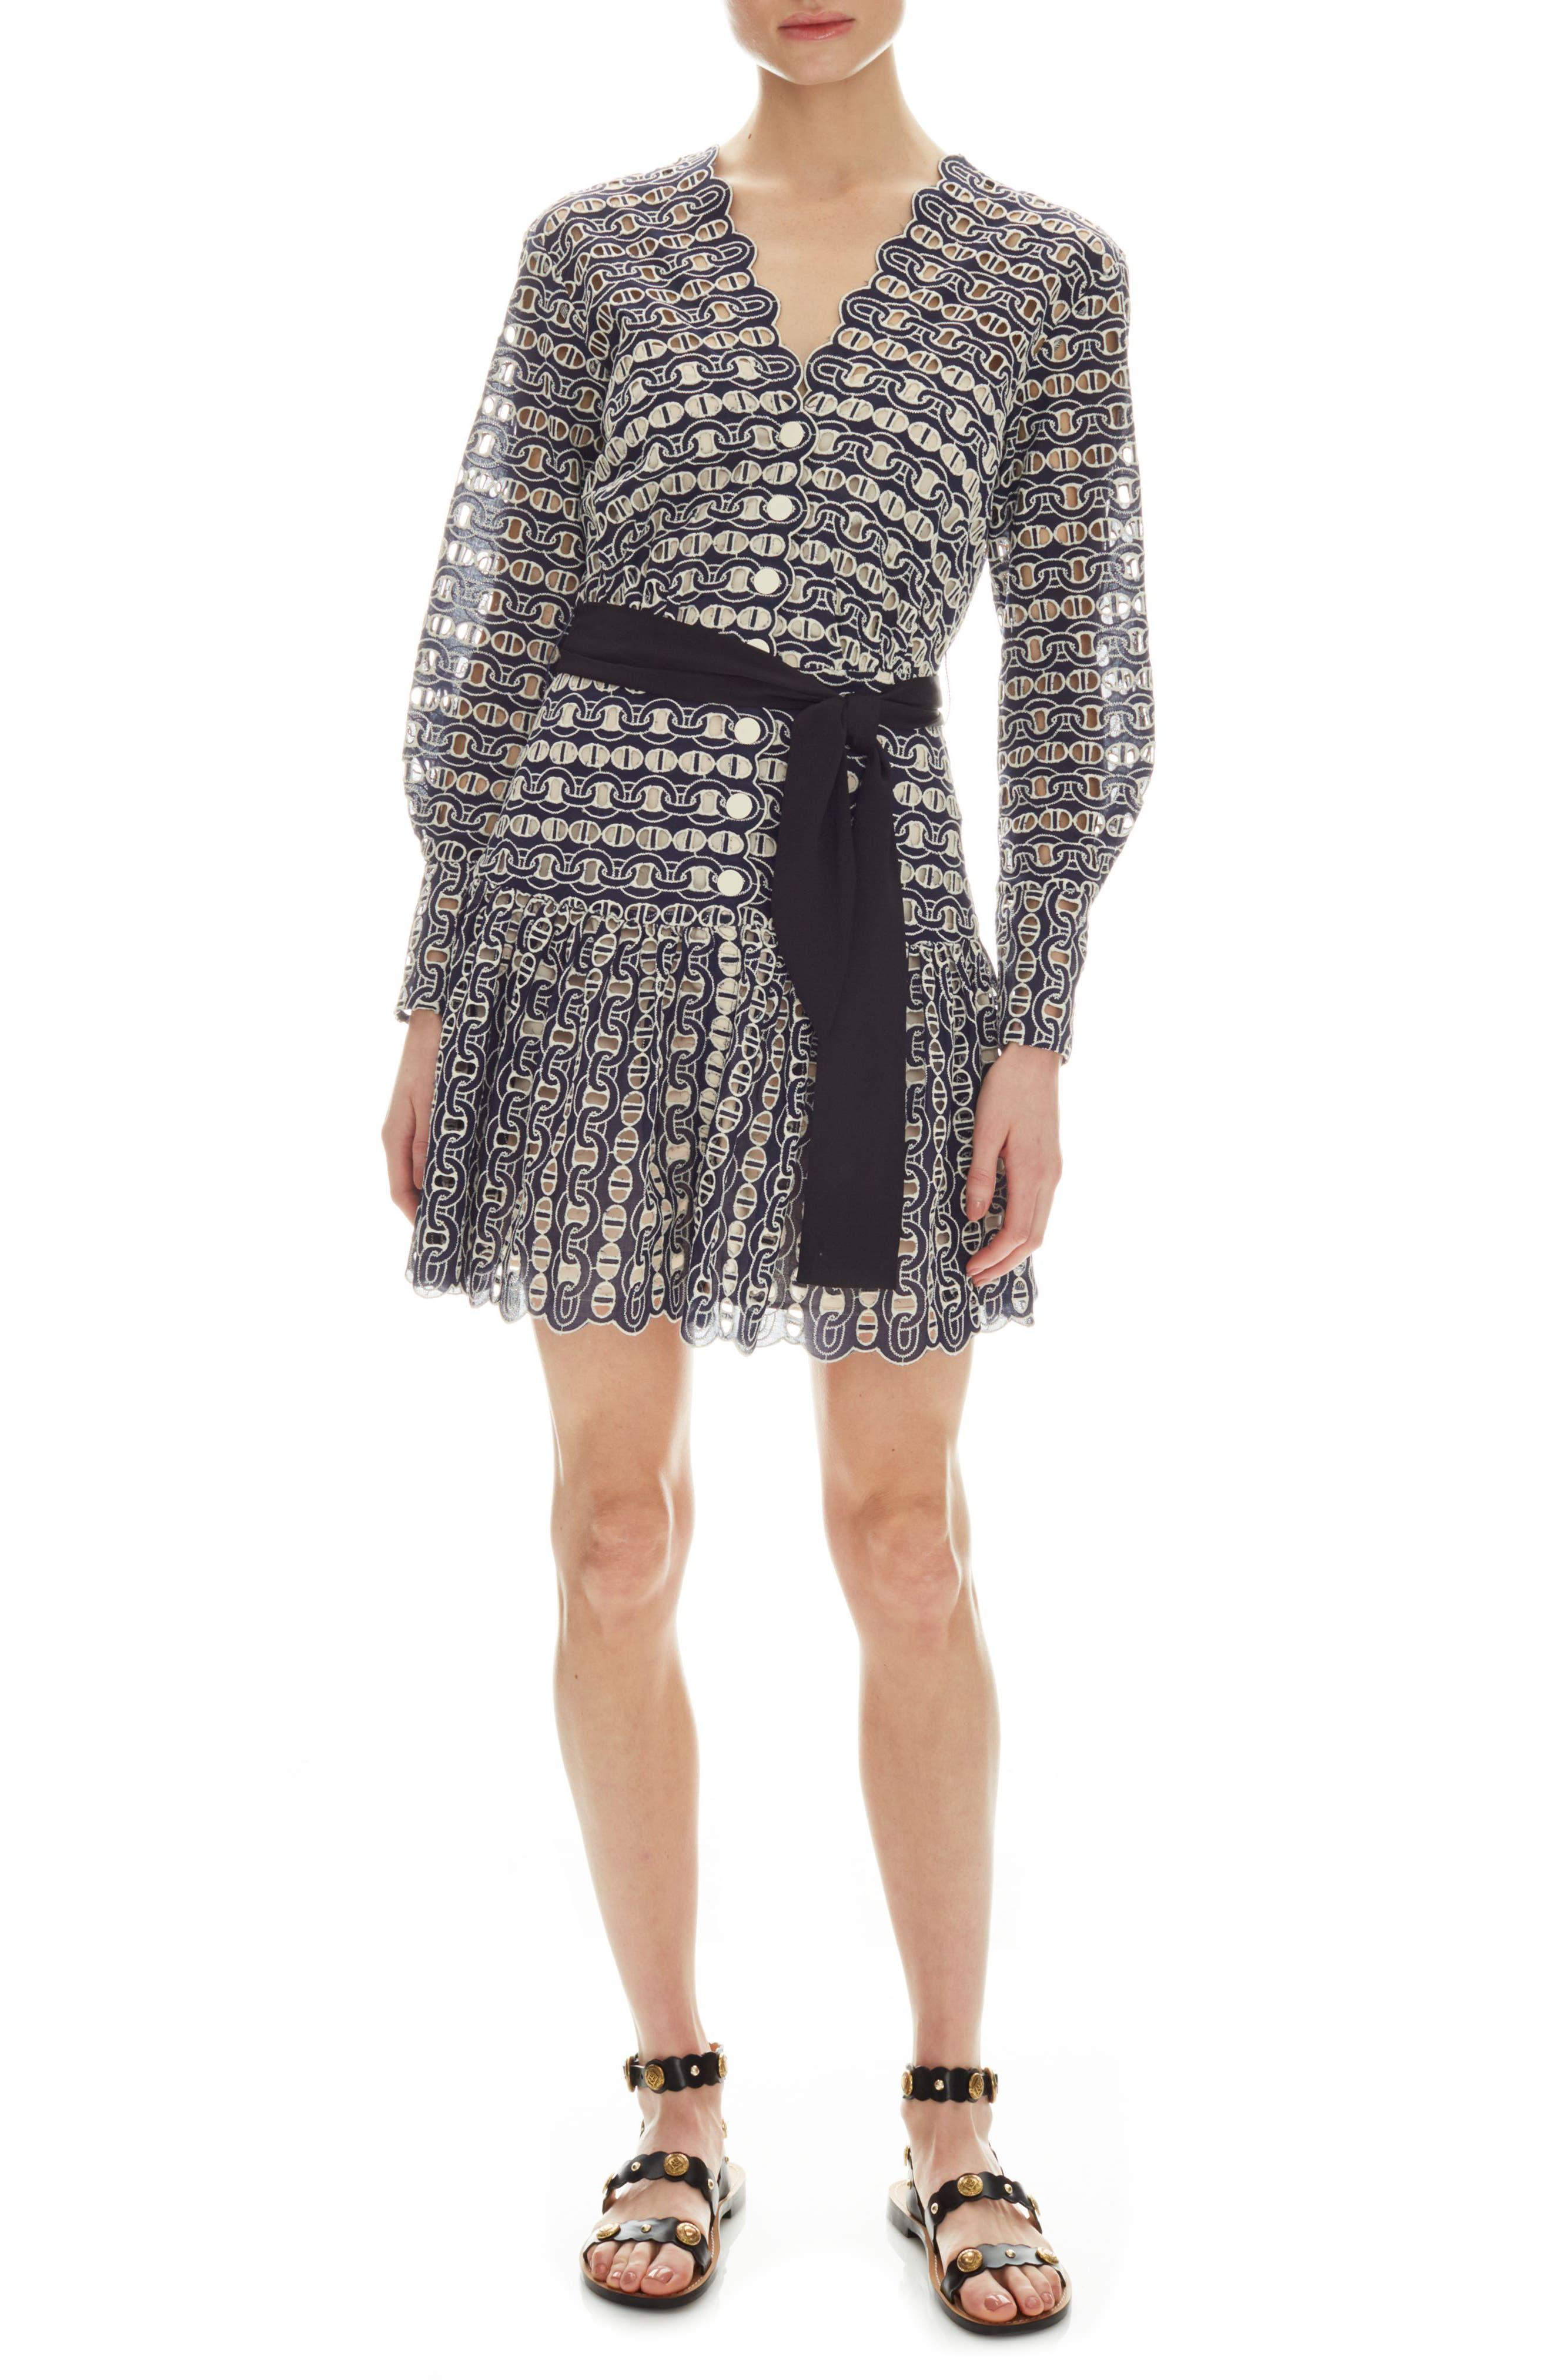 48c5eb6116 Sandro Contemporary Spring Dresses